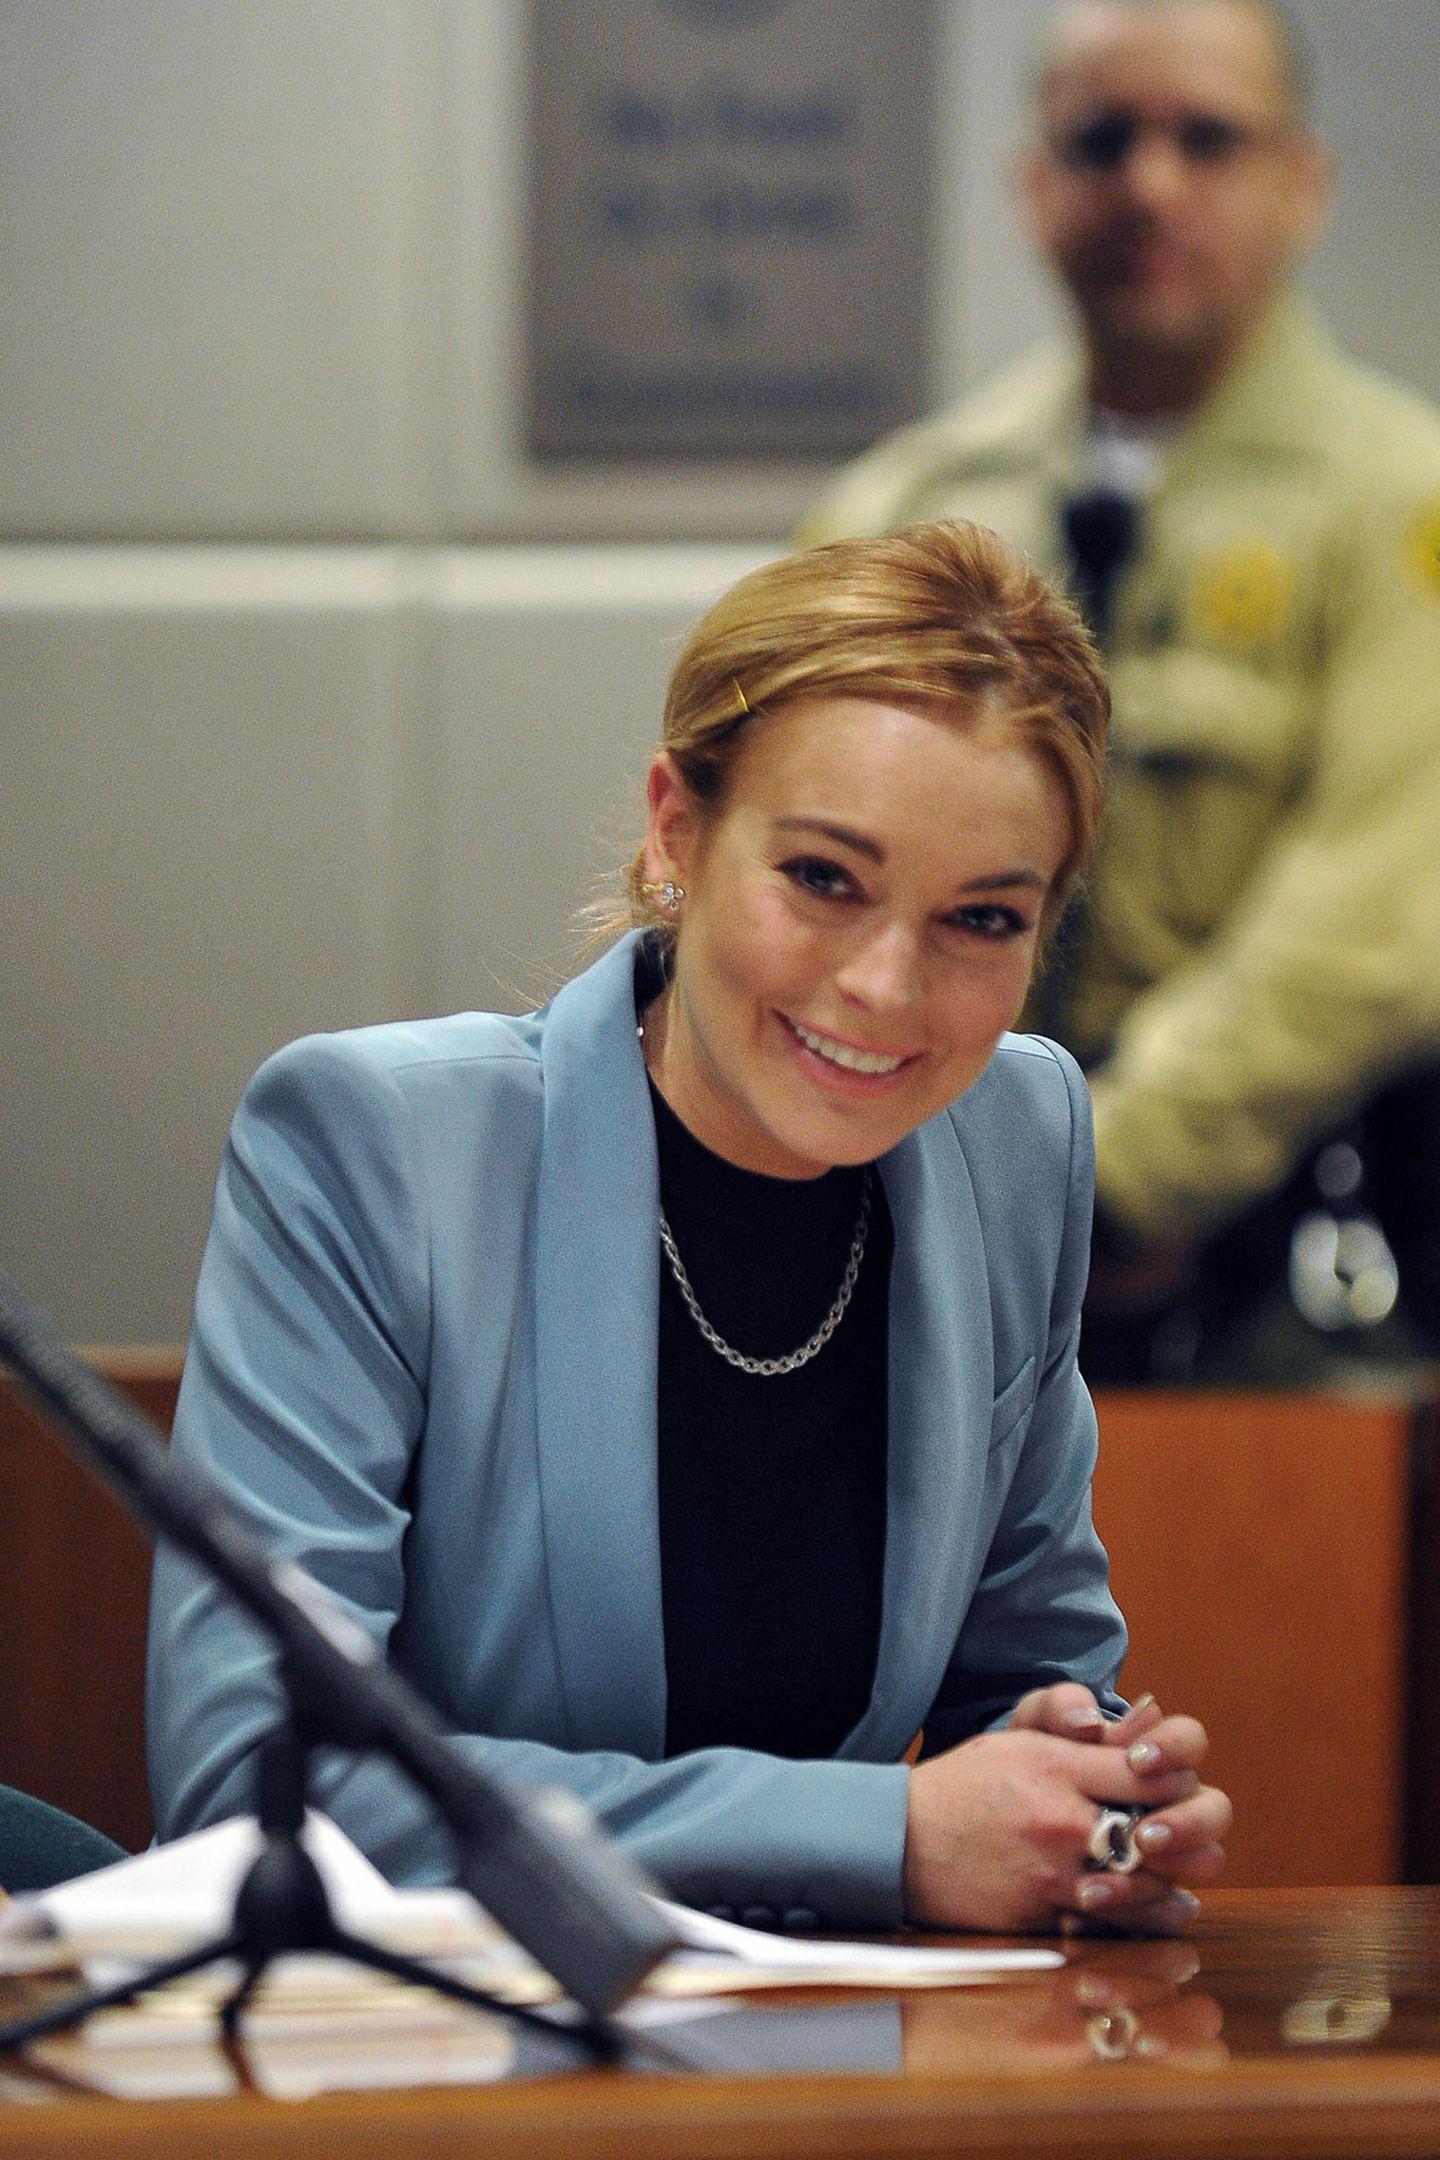 Für Lindsay Lohan war 2011 kein einfaches Jahr, das spiegelt sich auch optisch wider. Sie muss sich wegen Ladendiebstahl und Trunkenheit am Steuererneut vor einem Gericht in Los Angeles verantworten. Doch das Urteil fällt positiv aus, die Delikte aus den vorherigen Jahren sind beglichen, solange die Schauspielerin nicht erneut gegen das Gesetz verstößt. In den nächsten zehn Jahren wird es ruhiger um den Ex-Disney-Star.